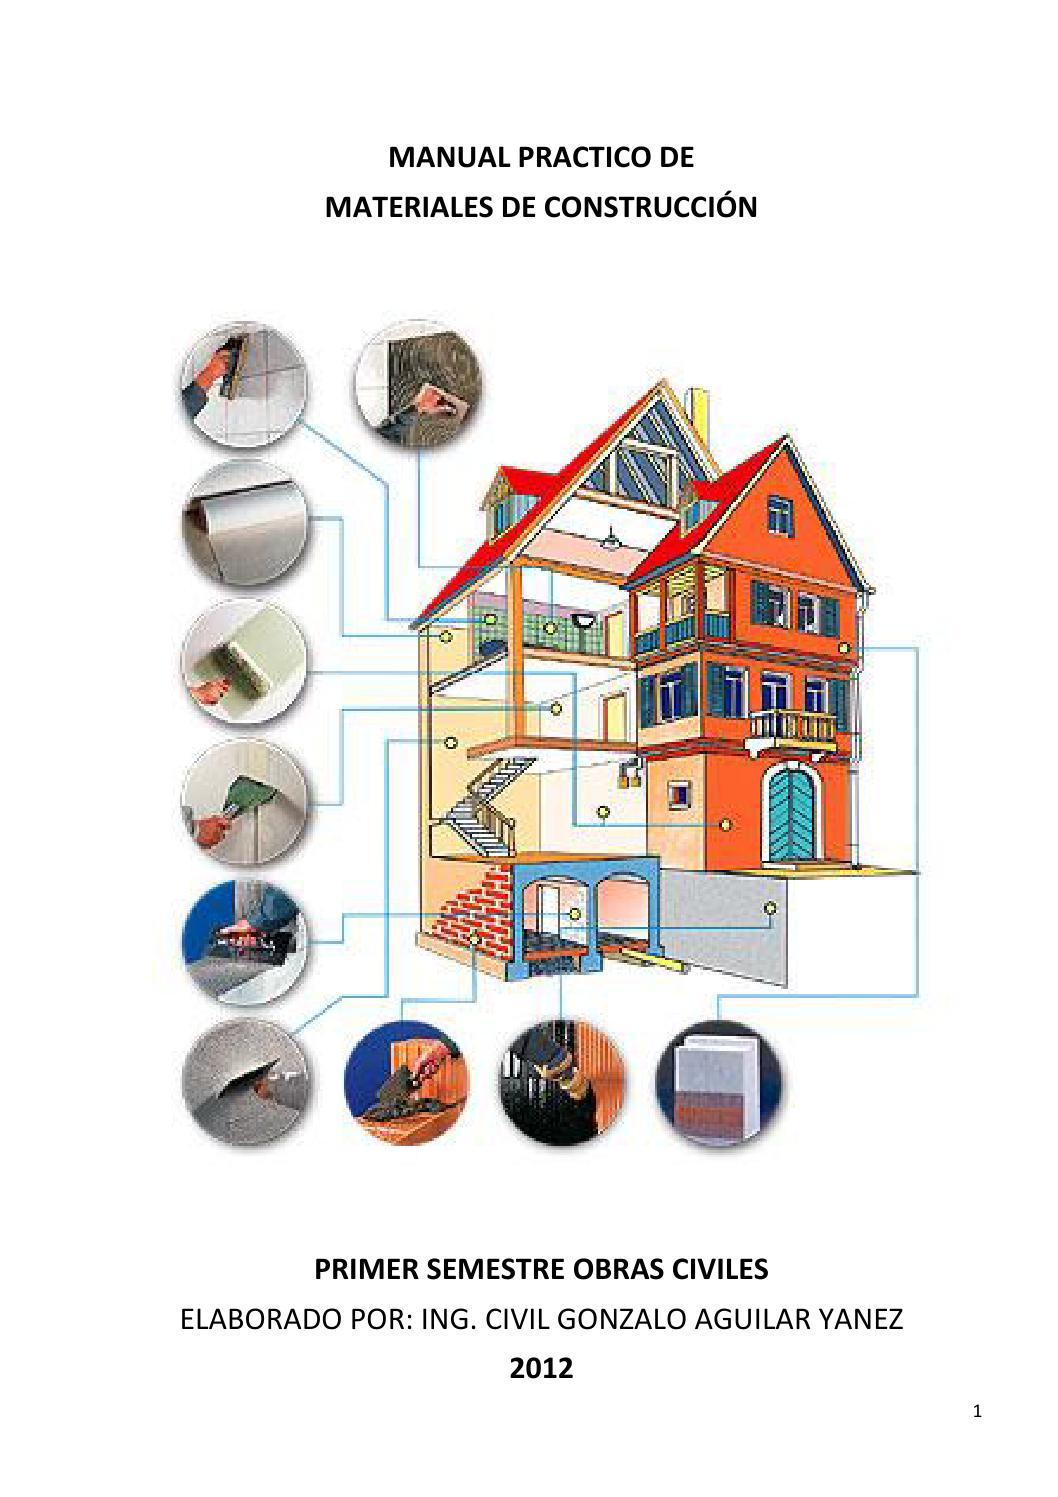 Manual practico de materiales de construcci n by instituto for Marmol material de construccion